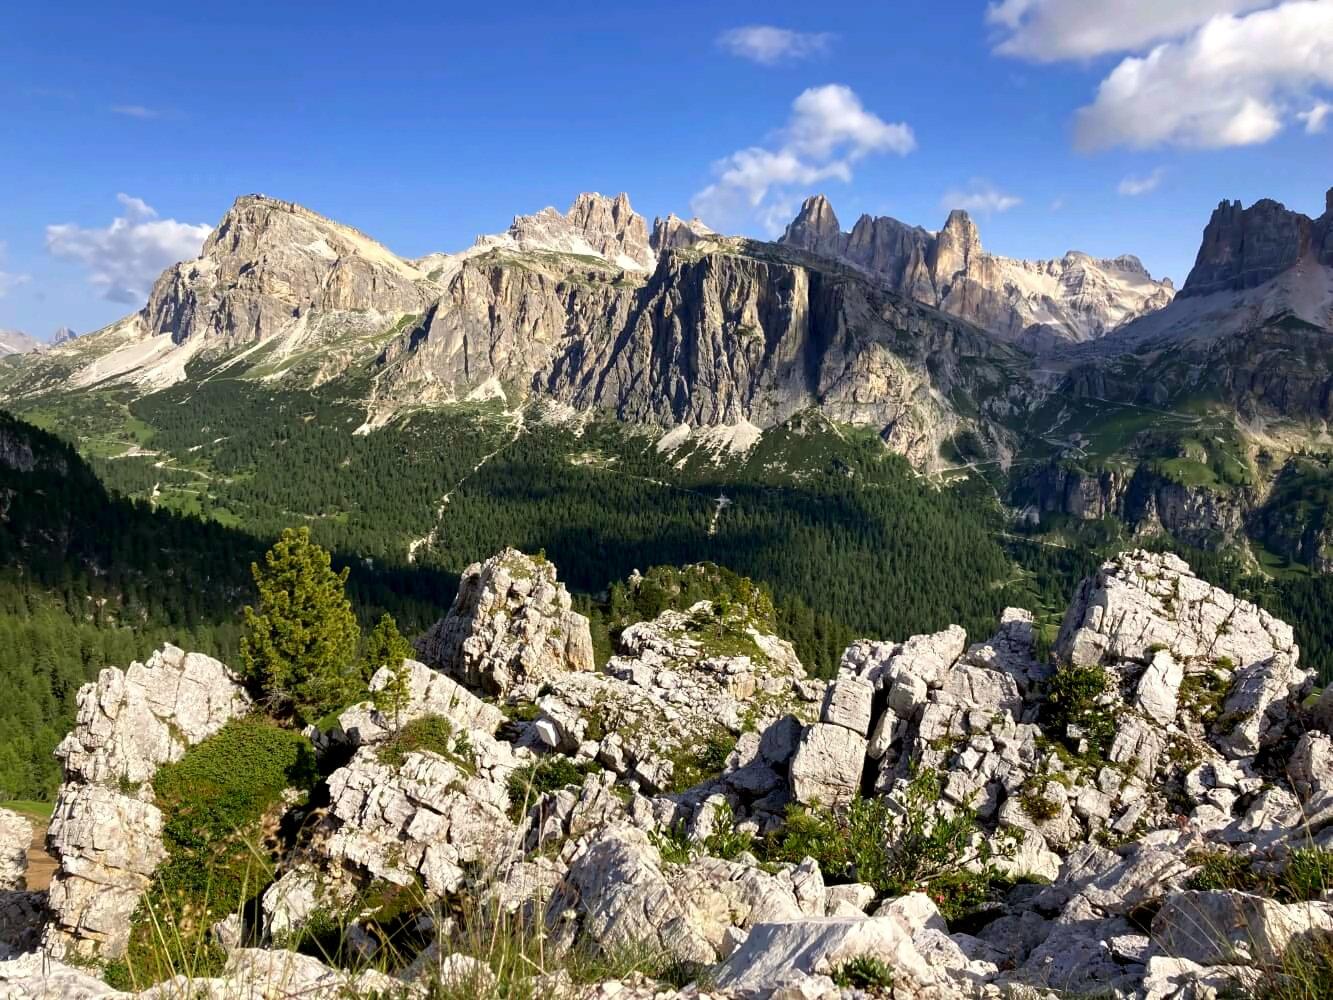 Blick auf den Lagazuoi von den Cinque Torri auf dem Dolomiten-Höhenweg 1.